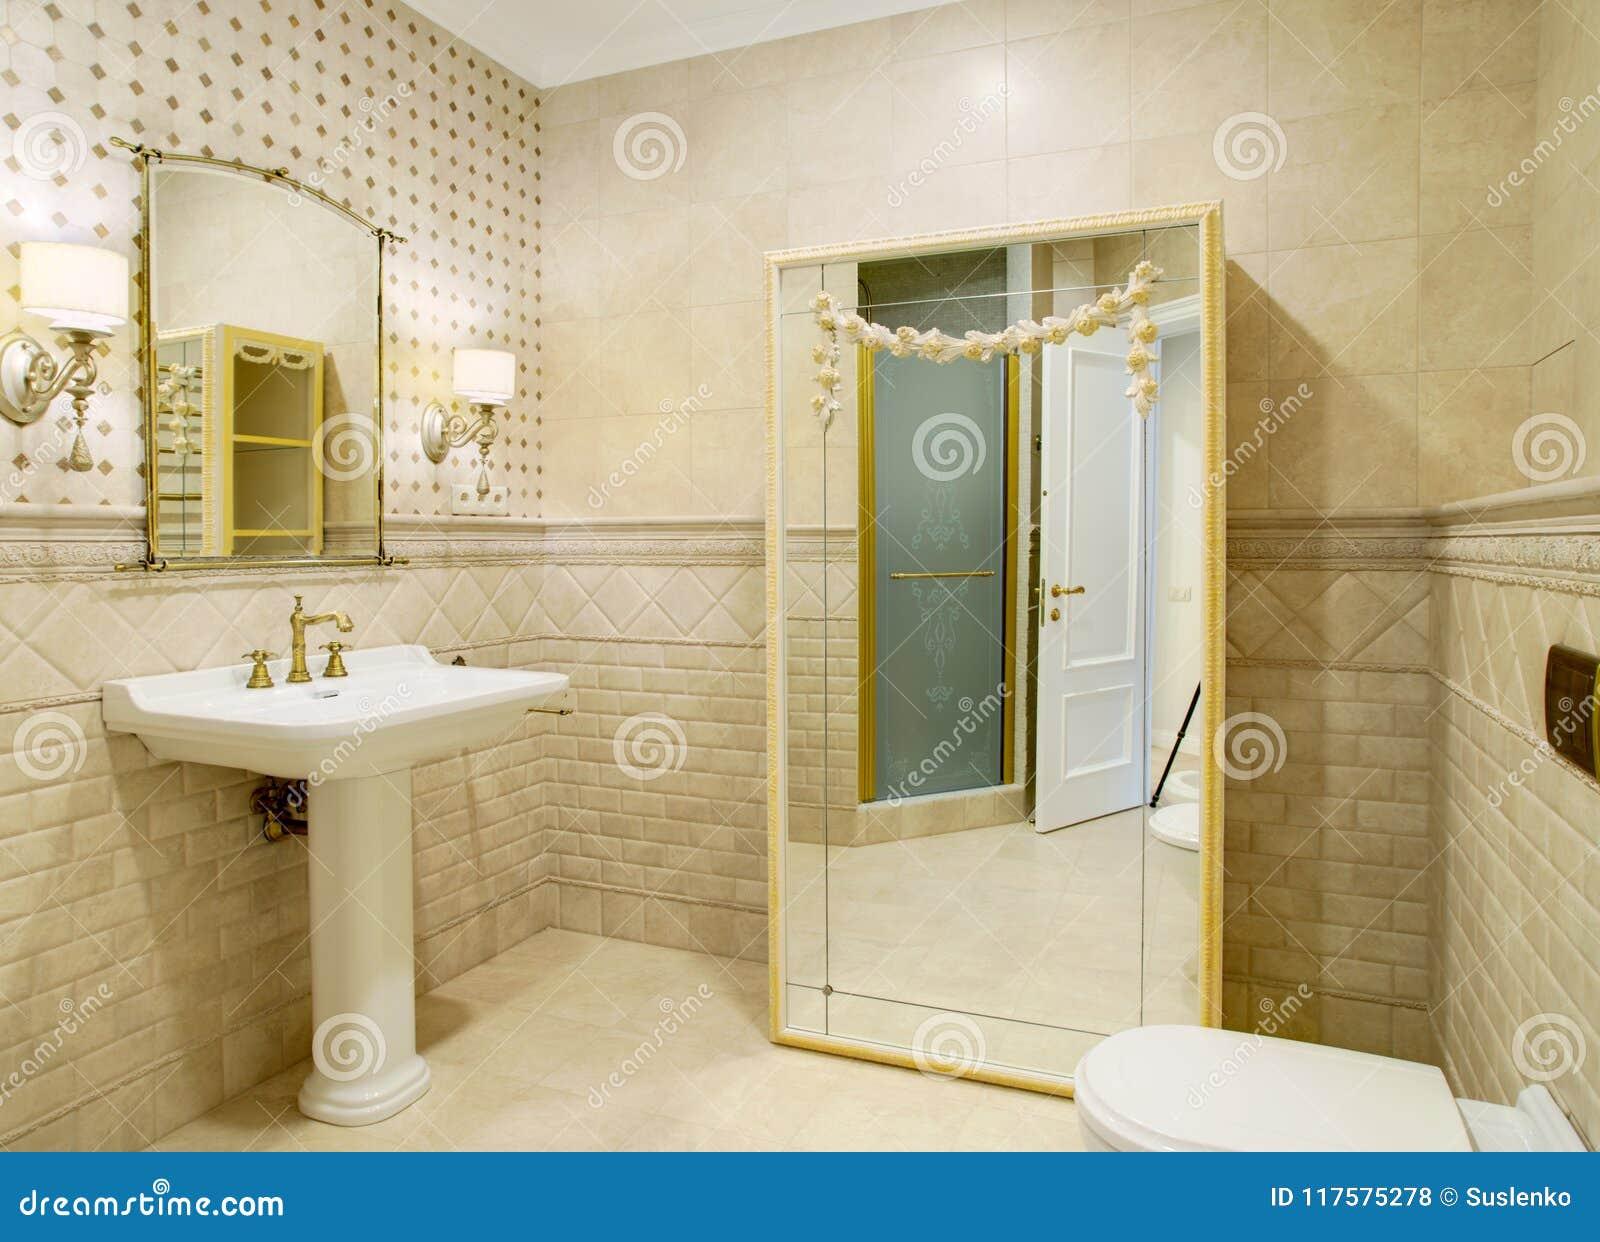 Binnenland van een luxueuze toiletruimte in een klassieke stijl